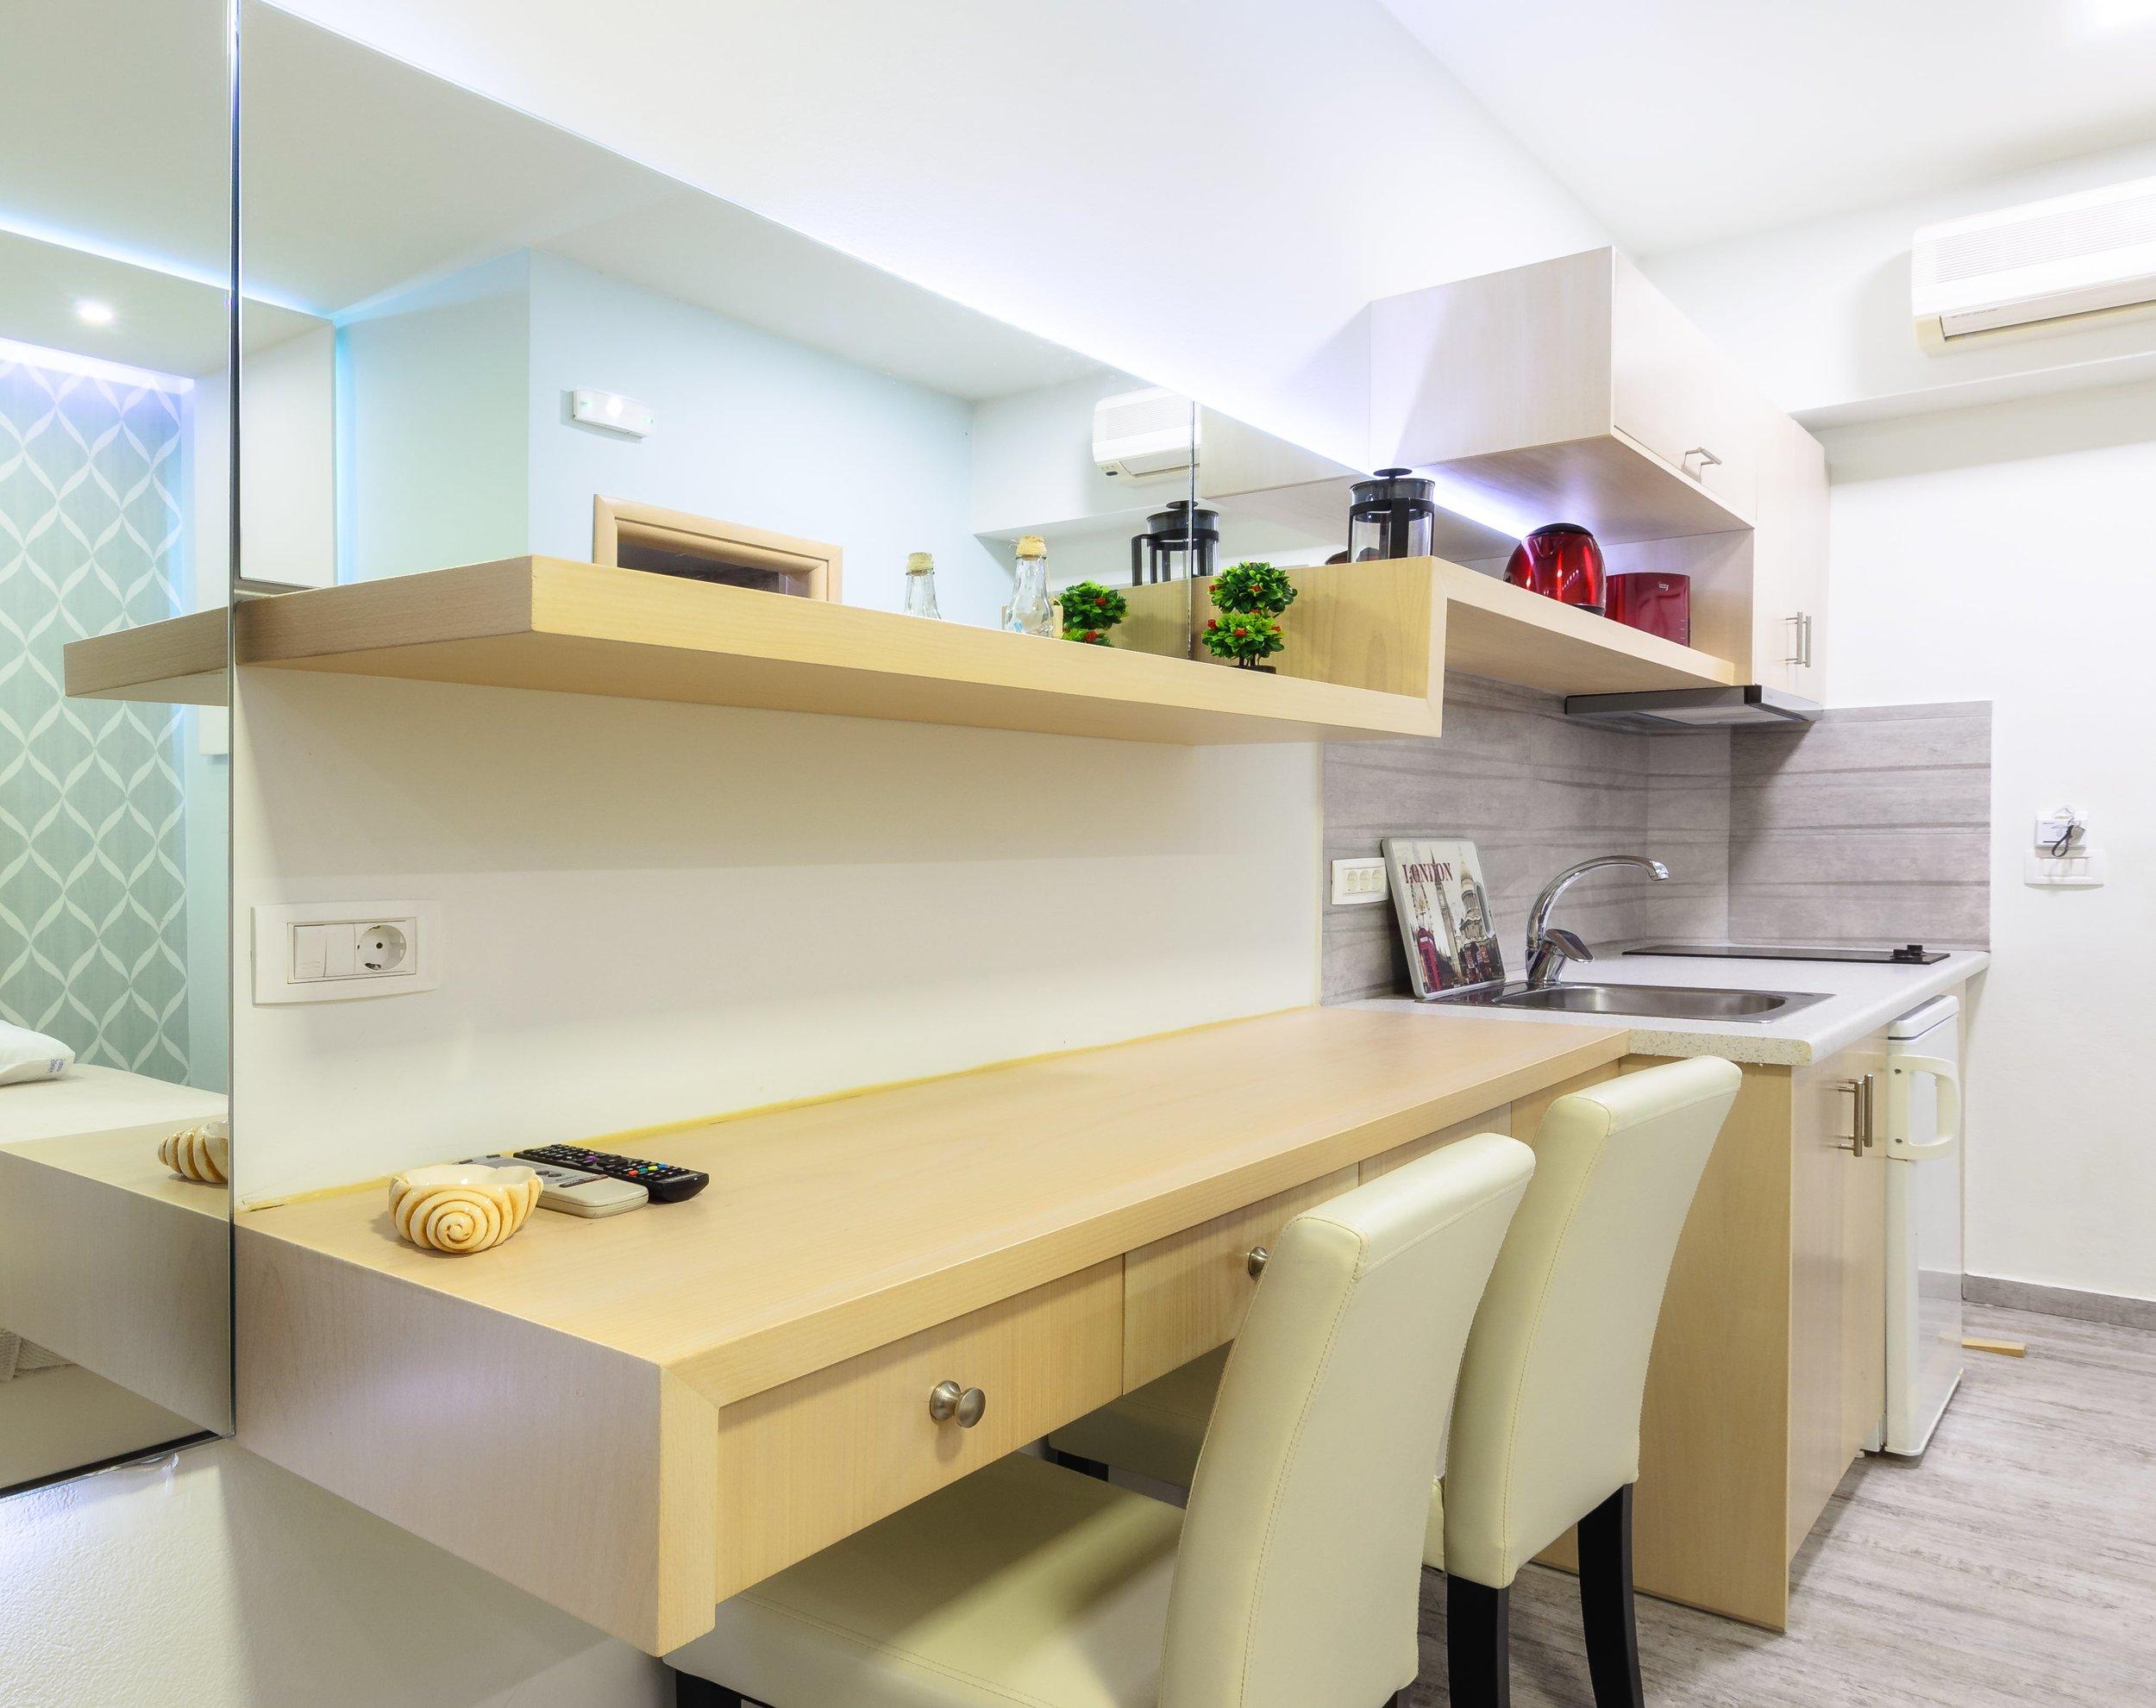 08-kitchen-2-min.jpg